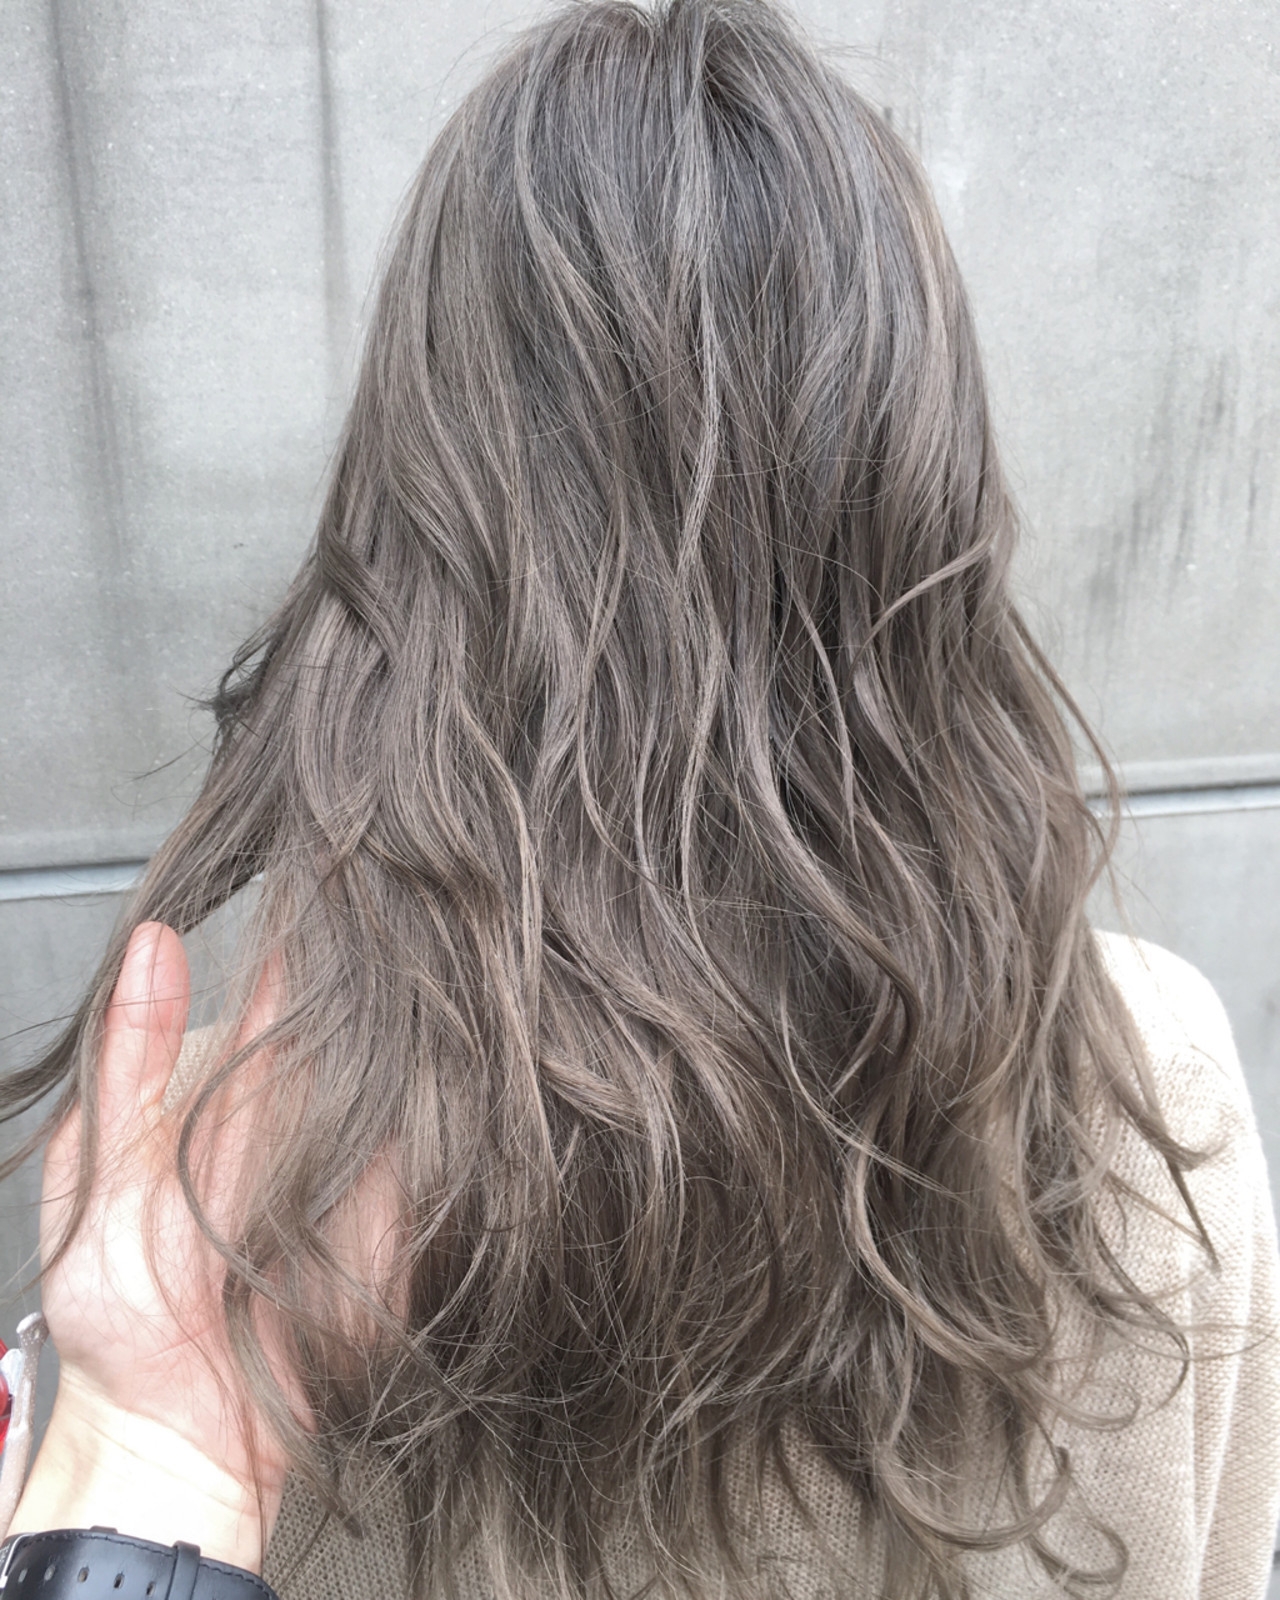 フェミニン 大人かわいい グラデーションカラー ハイライト ヘアスタイルや髪型の写真・画像